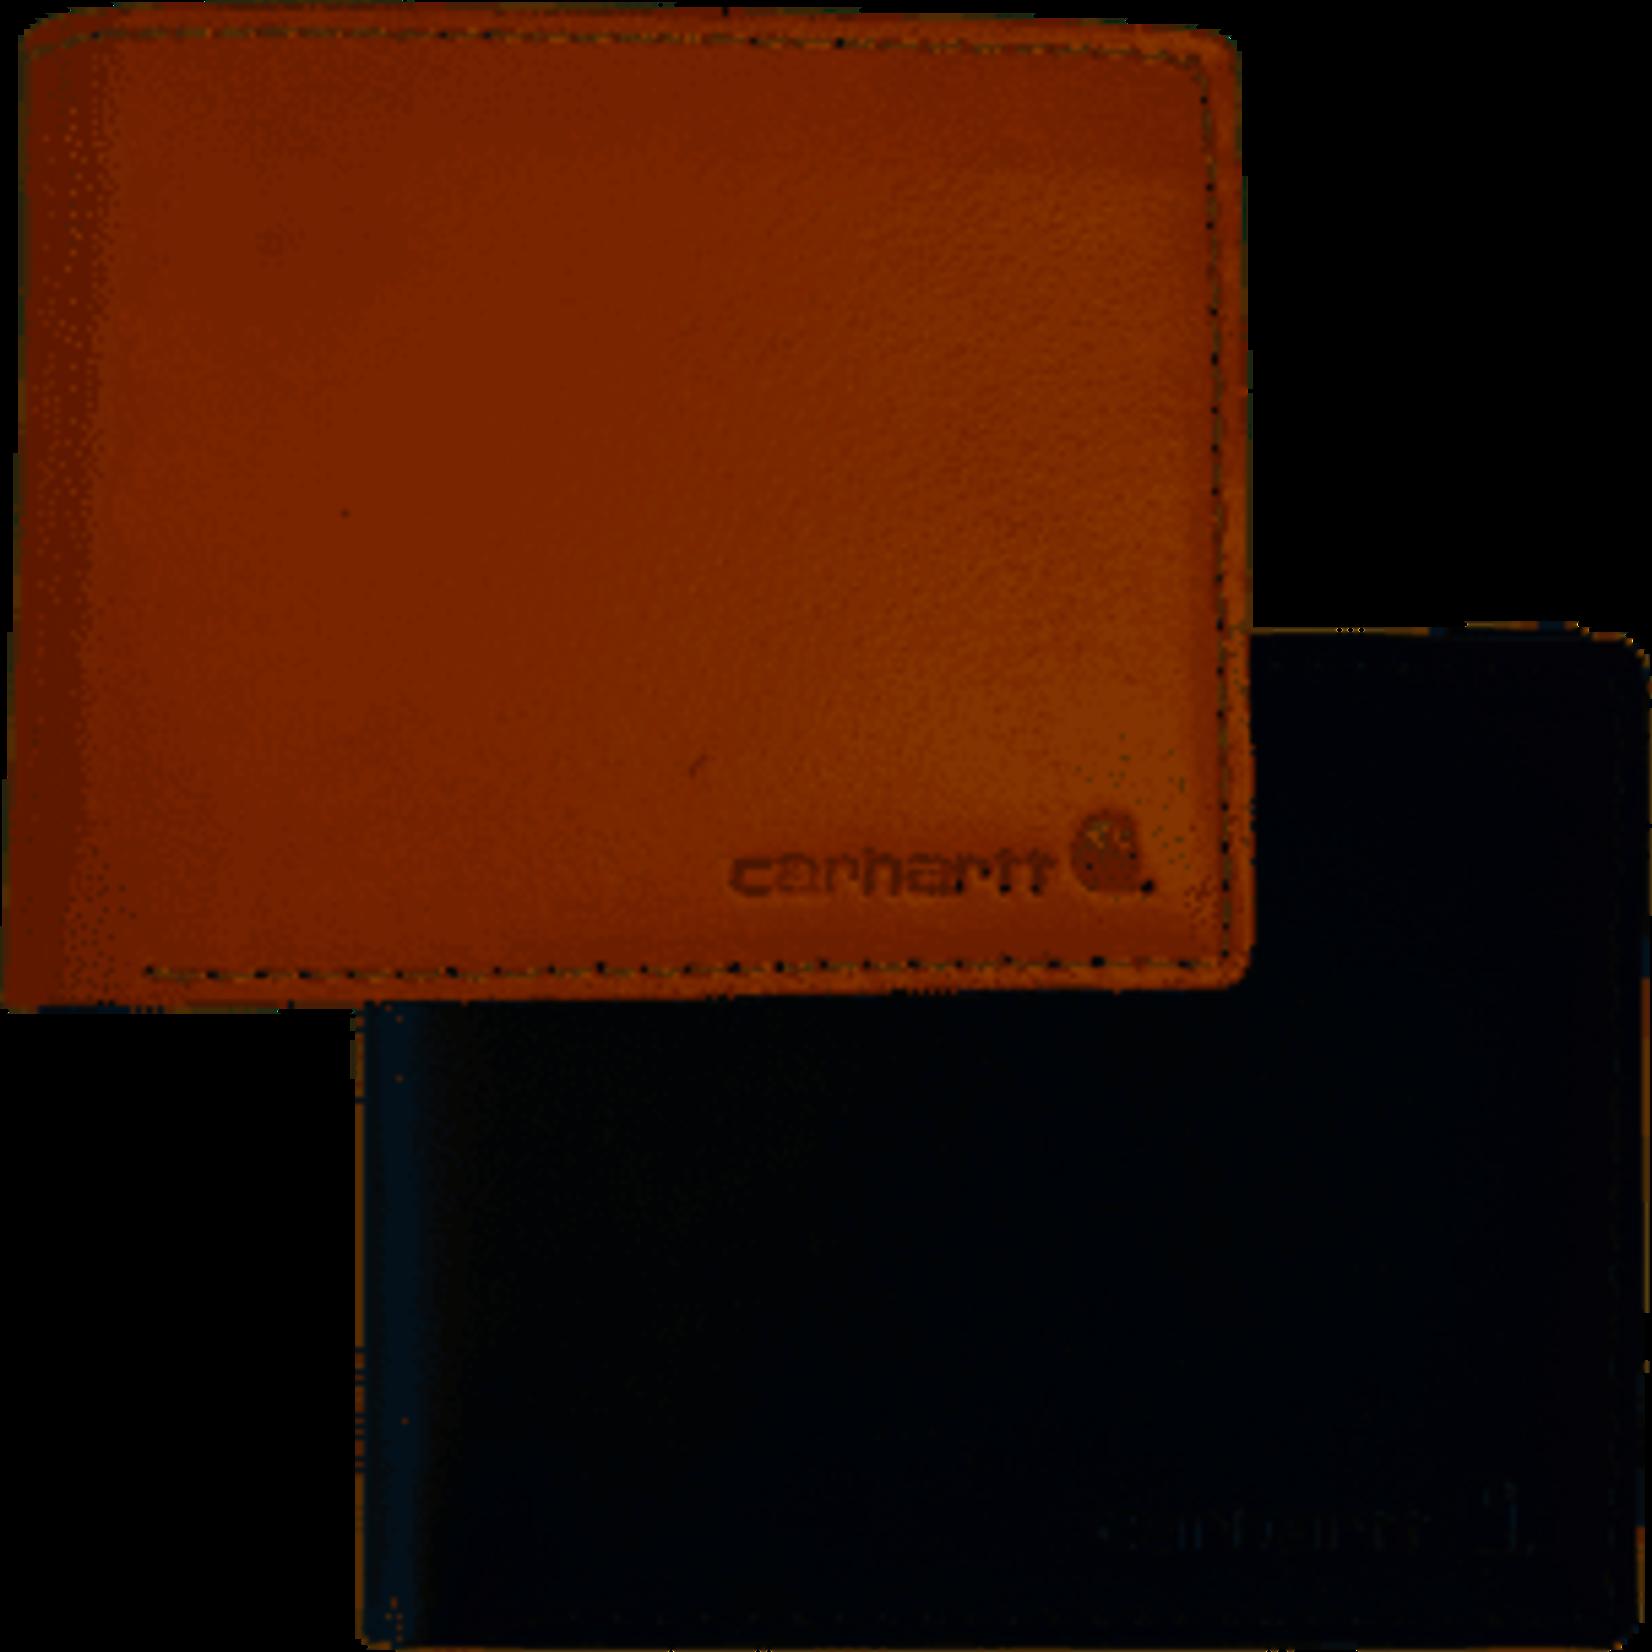 Carhartt Rough Cut Bi-Fold Wallet Tan